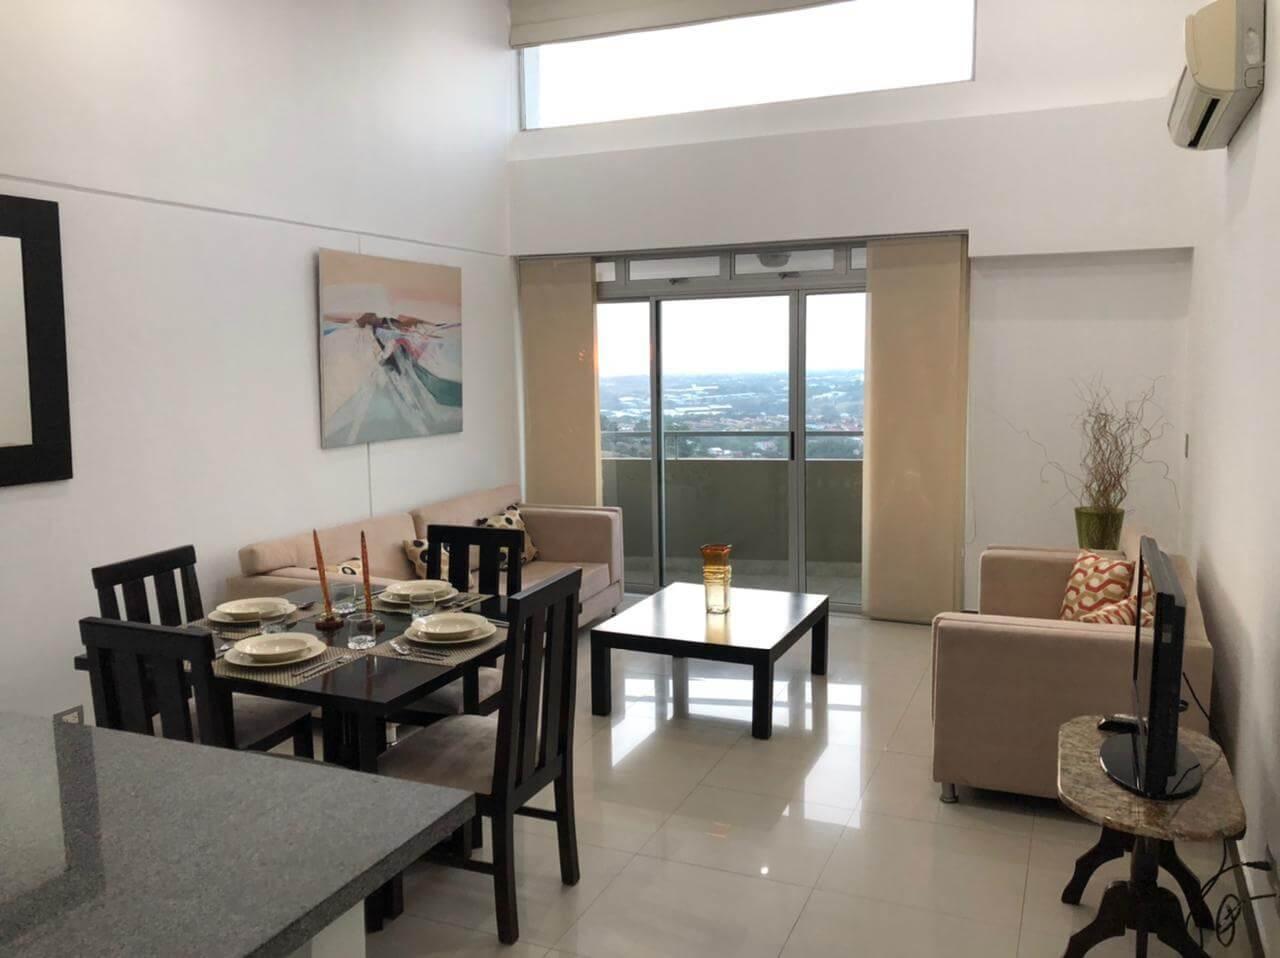 Se alquila apartamento en condominio, Guachipelín Escazú